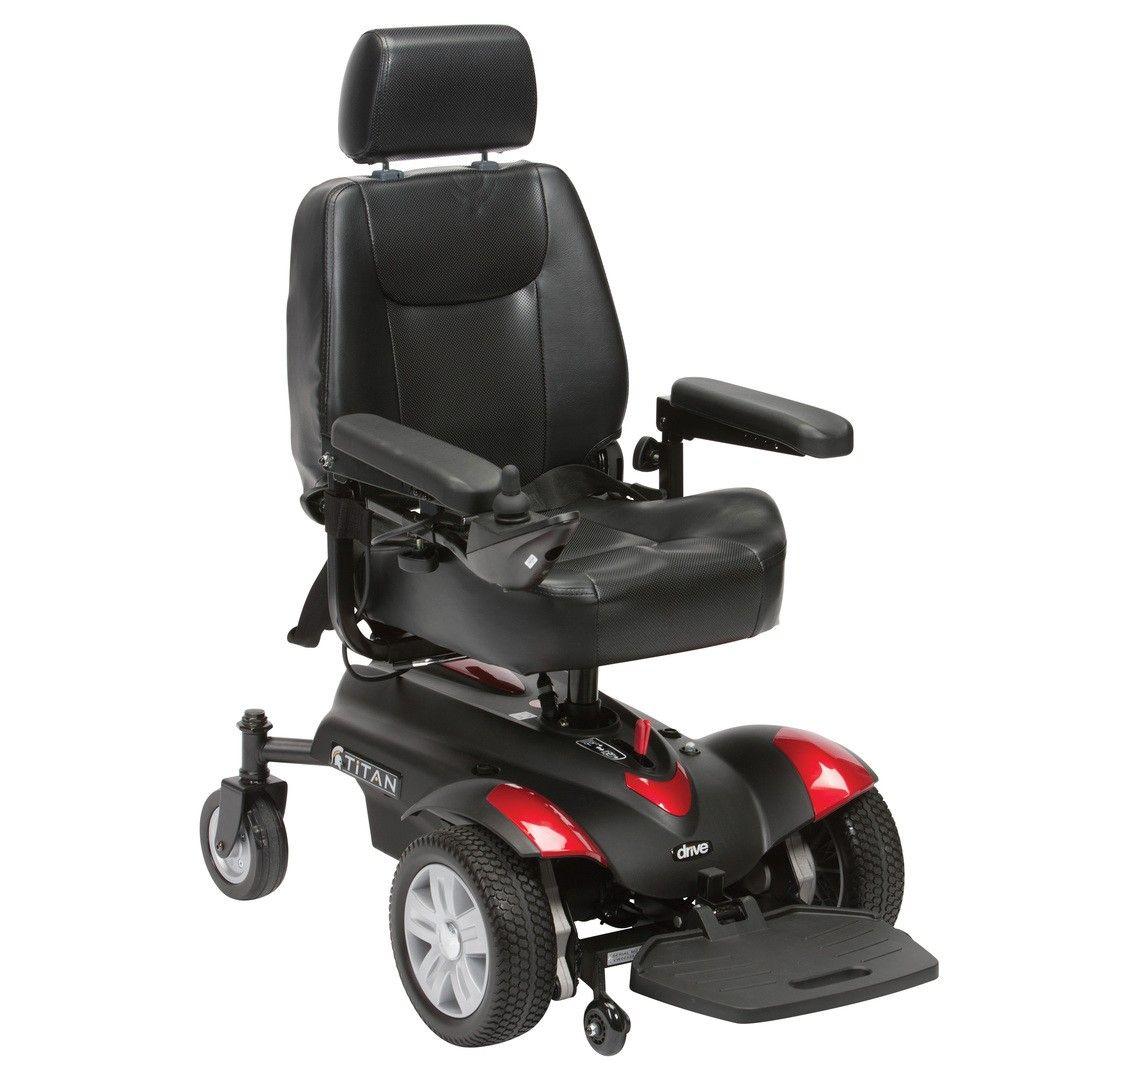 Drive Medical Titan Powerchair Electric Wheelchair